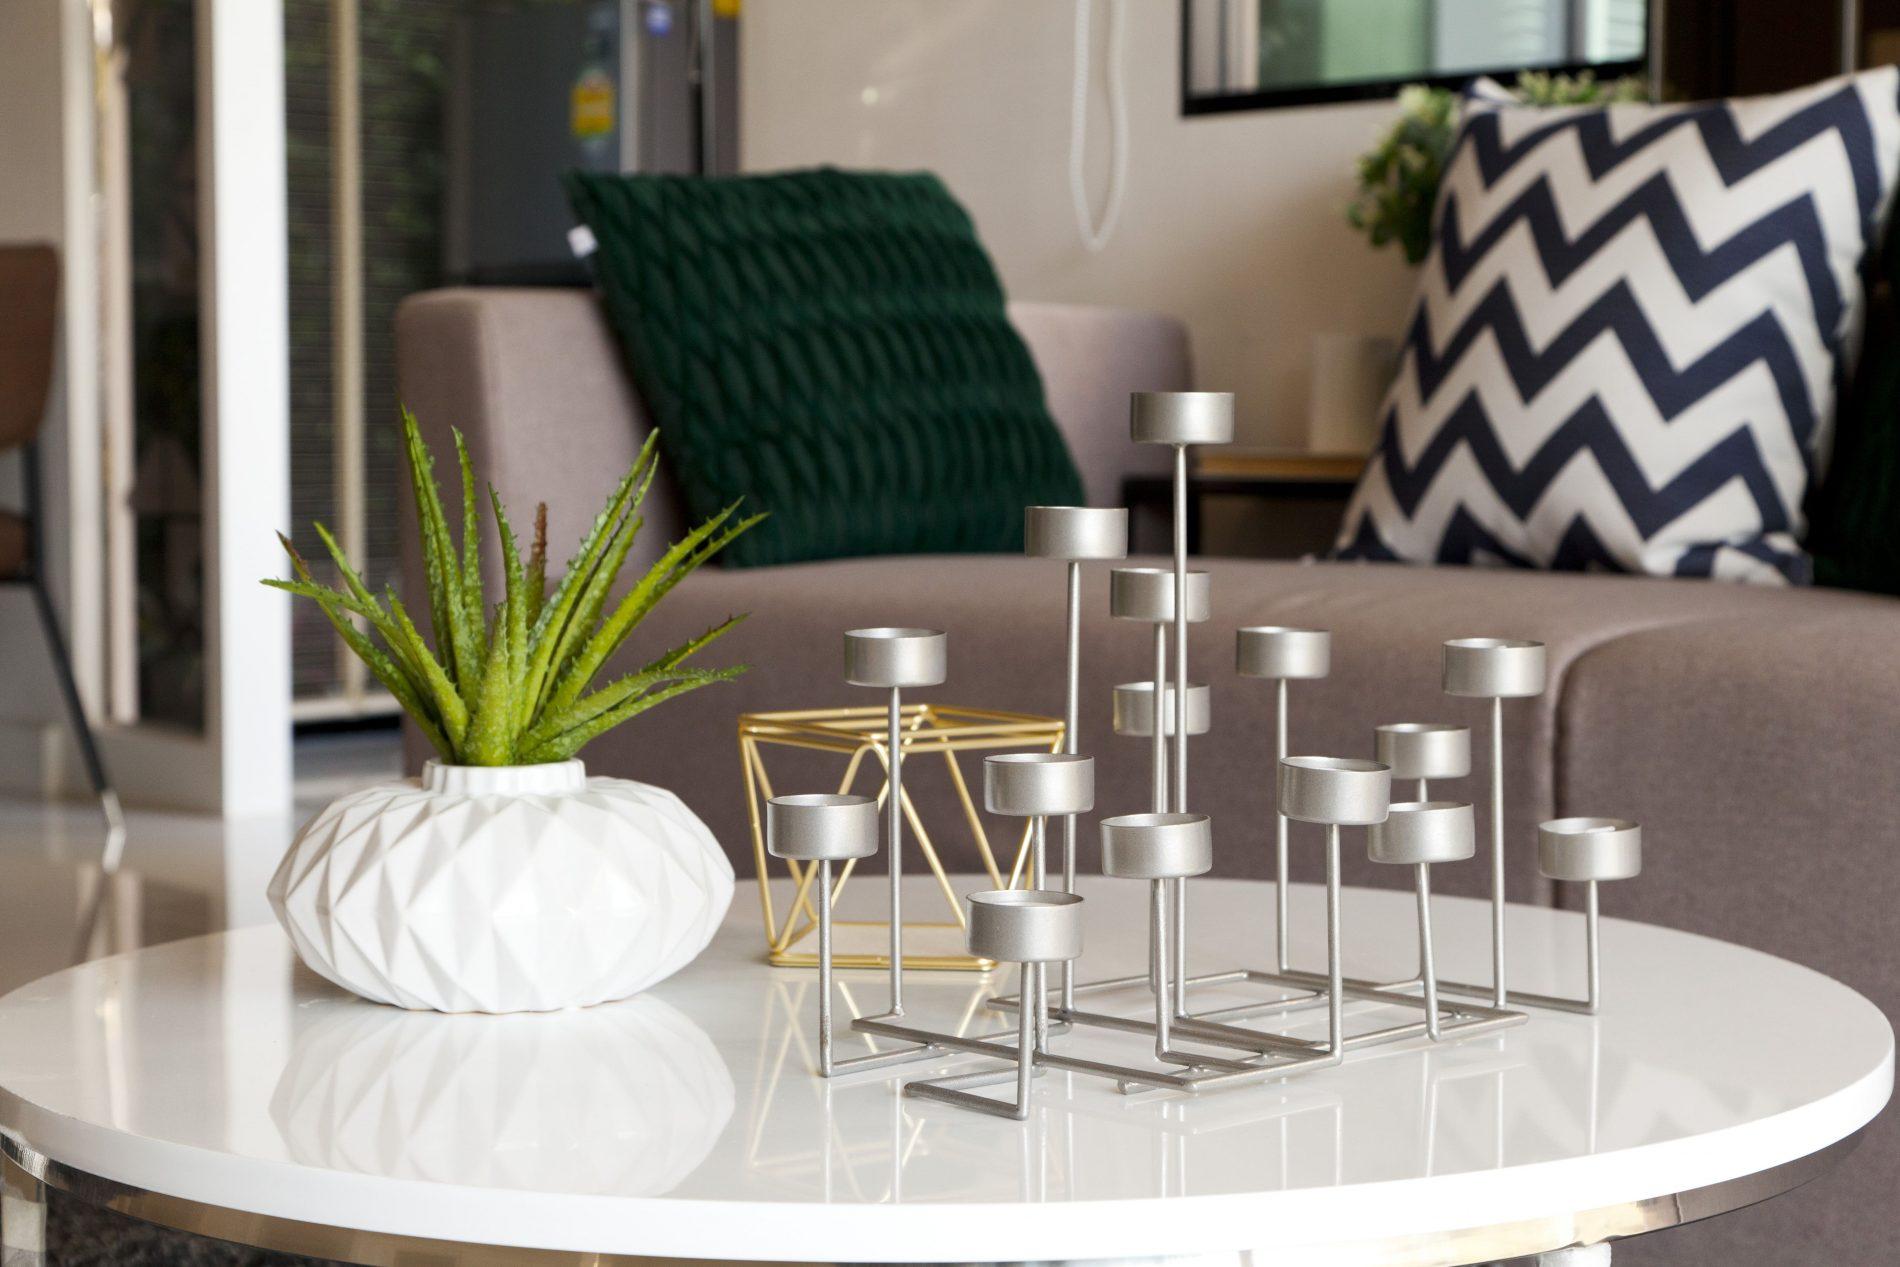 Budget Interior Decor Ideas for Your Home